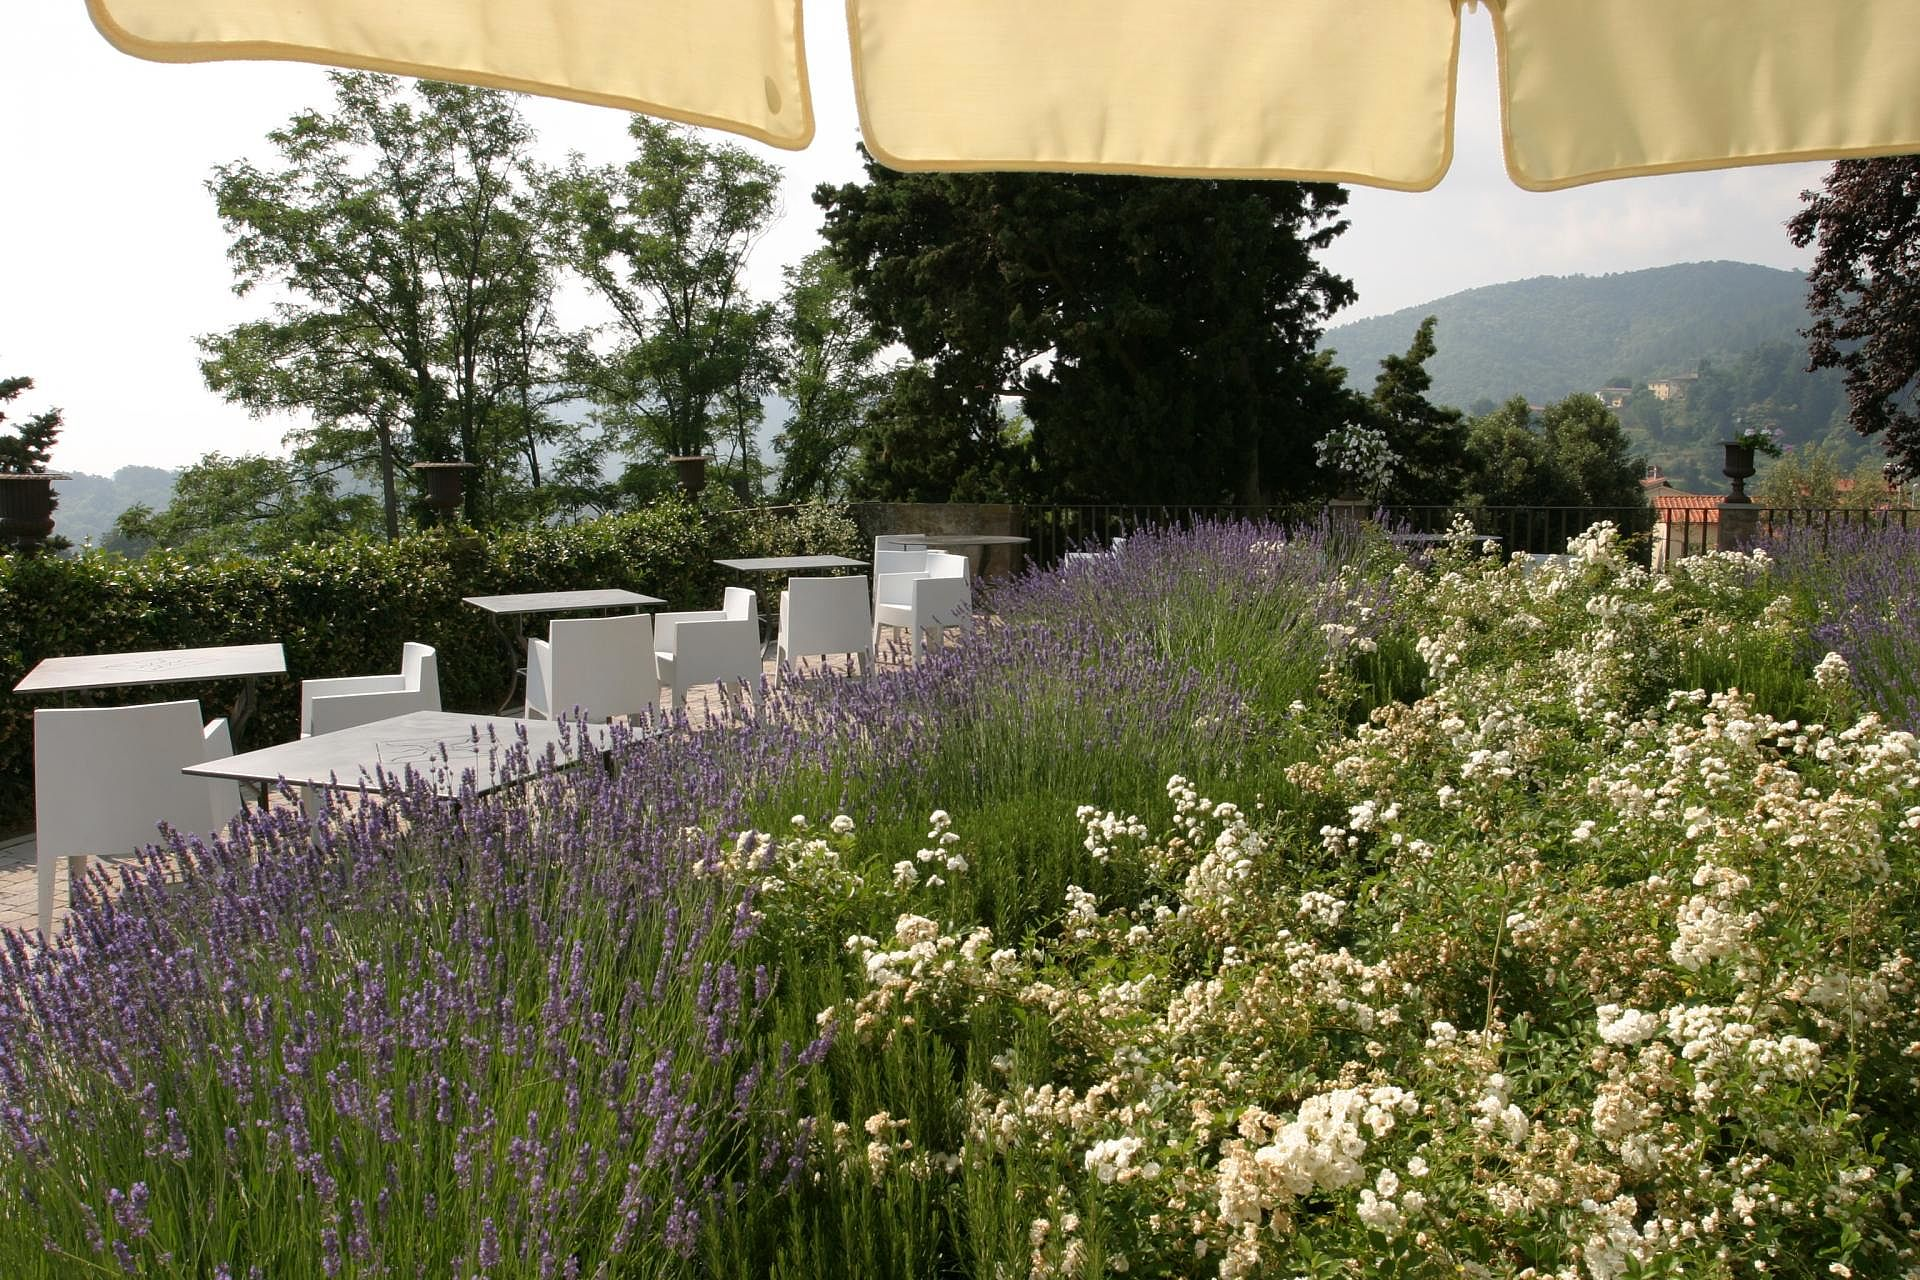 Villa sassolini toskana online zum bestpreis buchen for Designhotel toskana